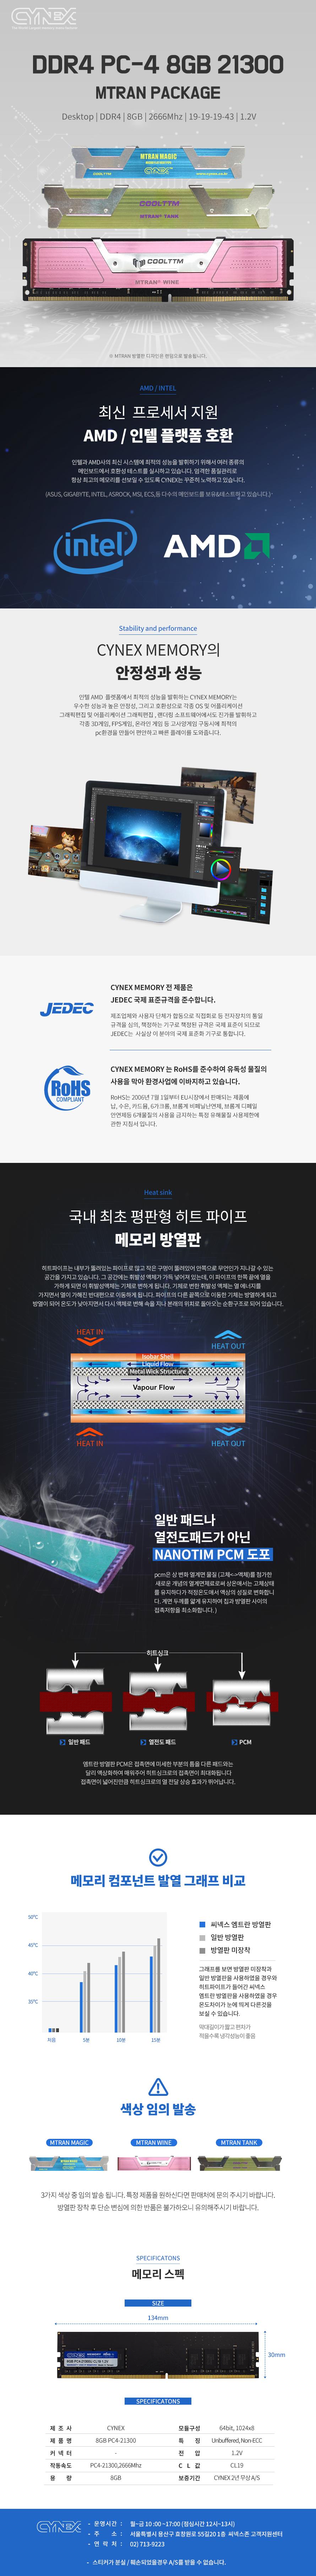 CYNEX DDR4-2666 CL19 엠트란 (8GB)